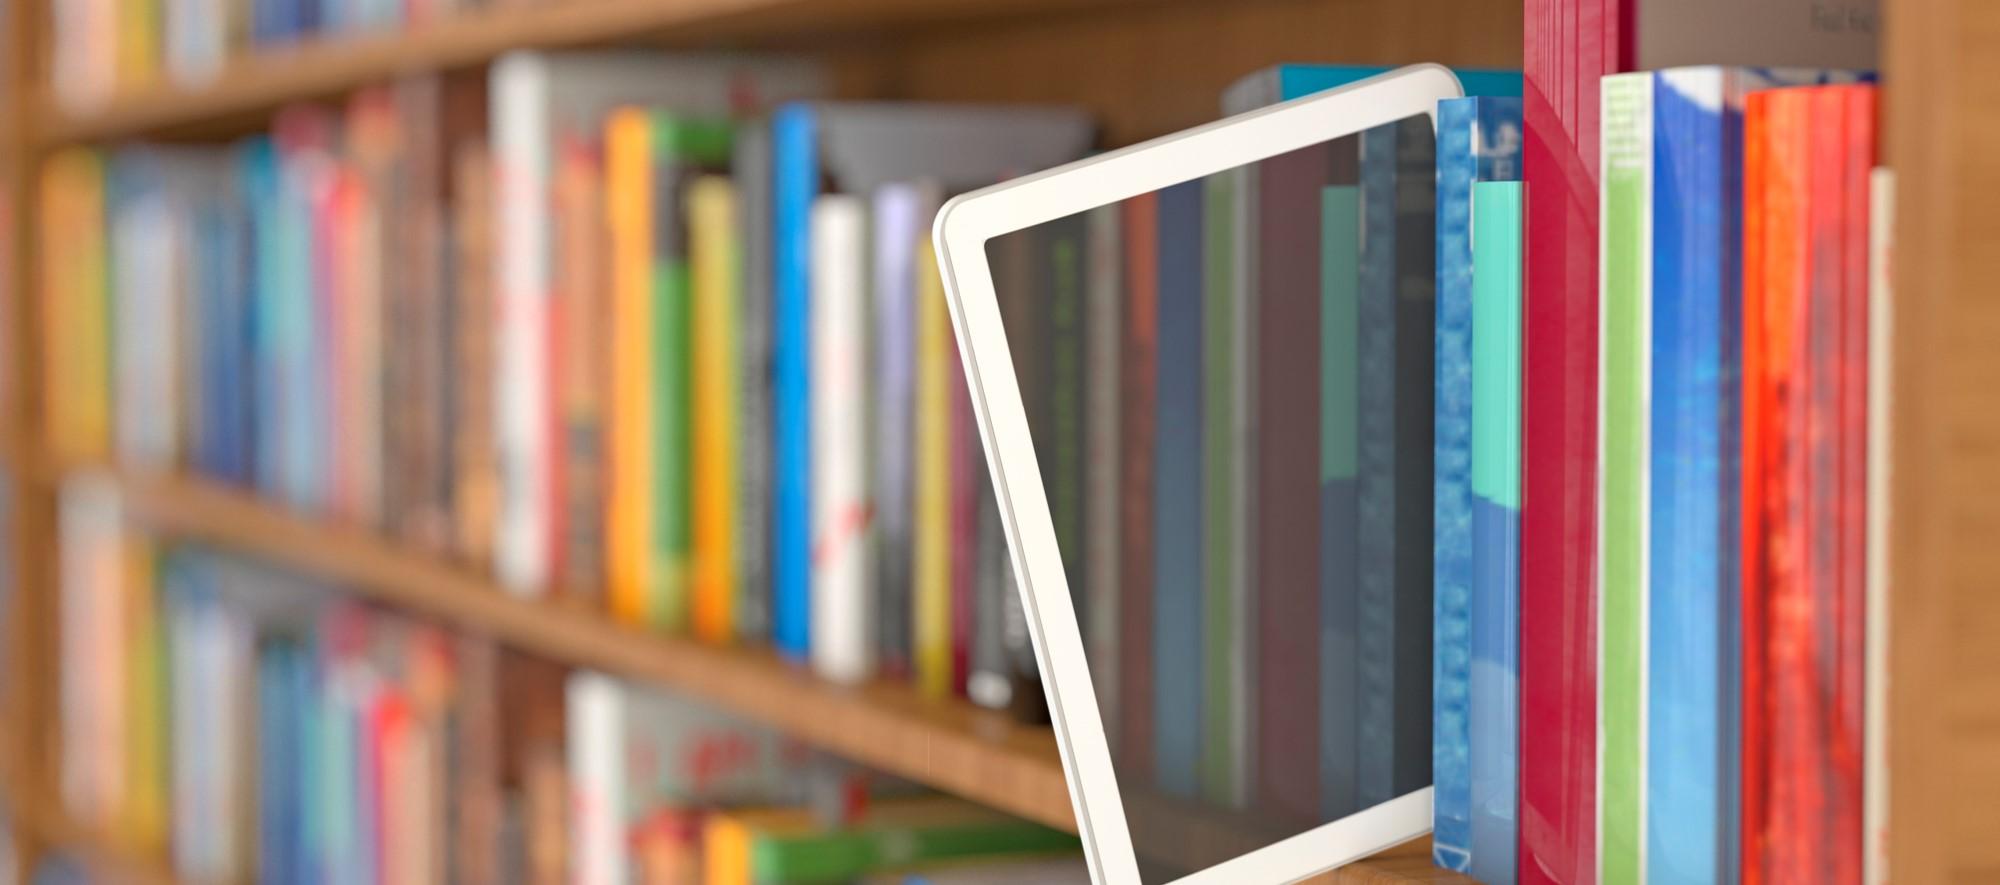 Imagini pentru research library